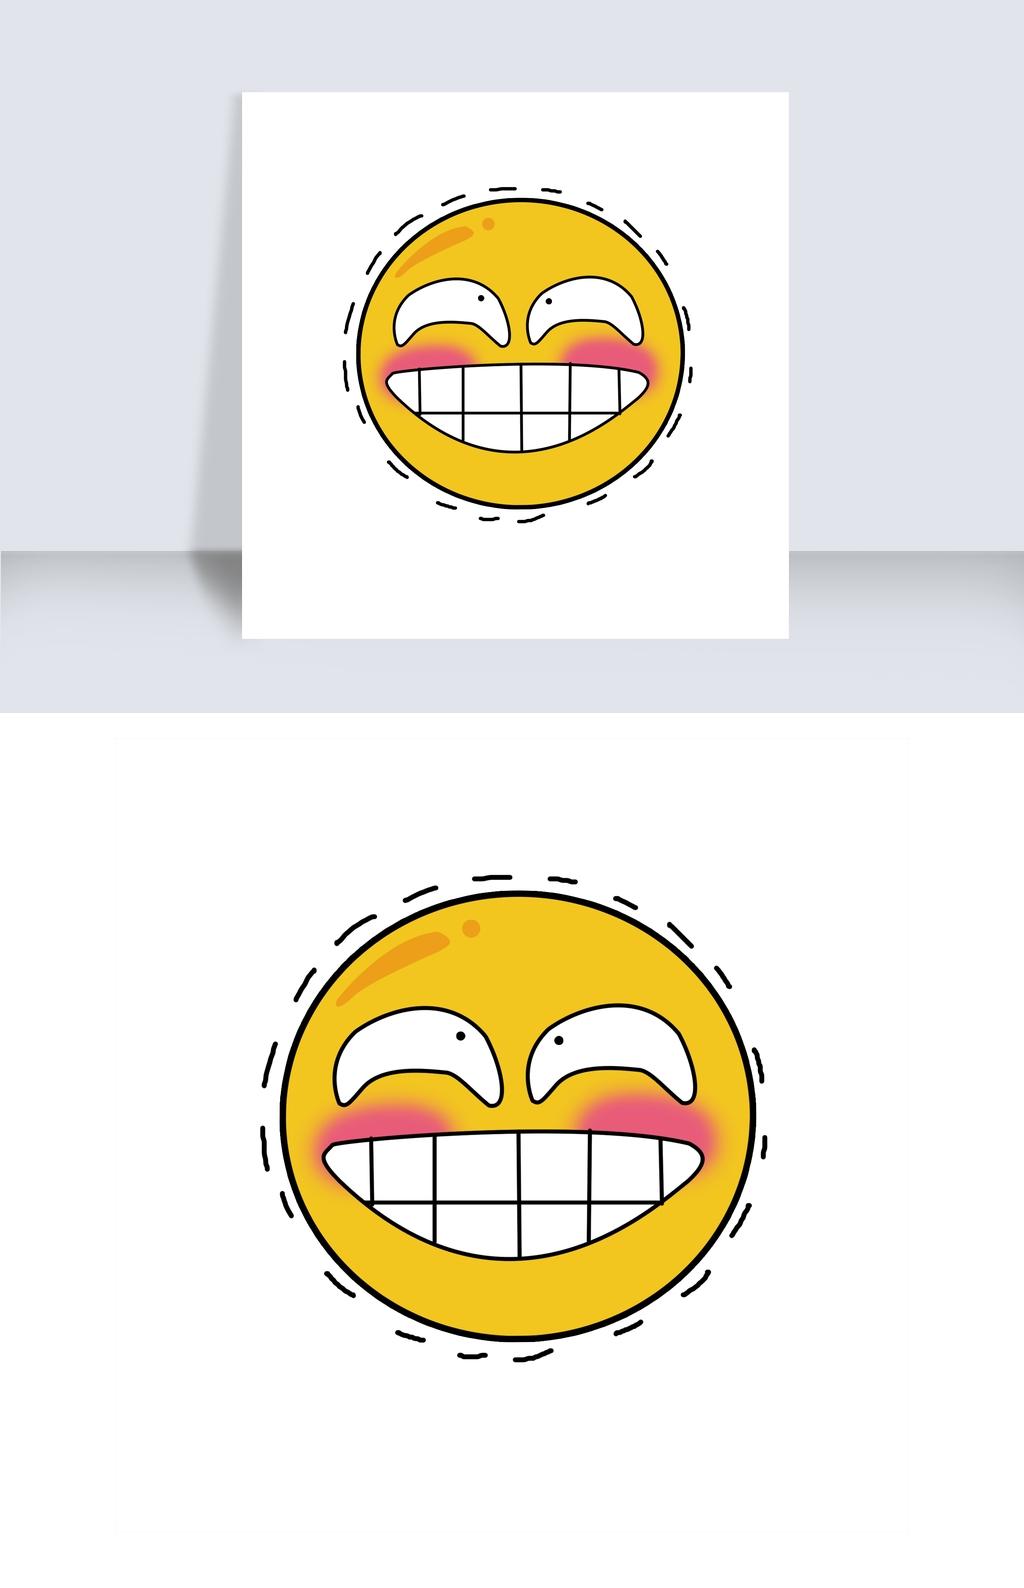 调皮表情设计图片素材下载-PNG透明其他免抠苏明成表情包图片